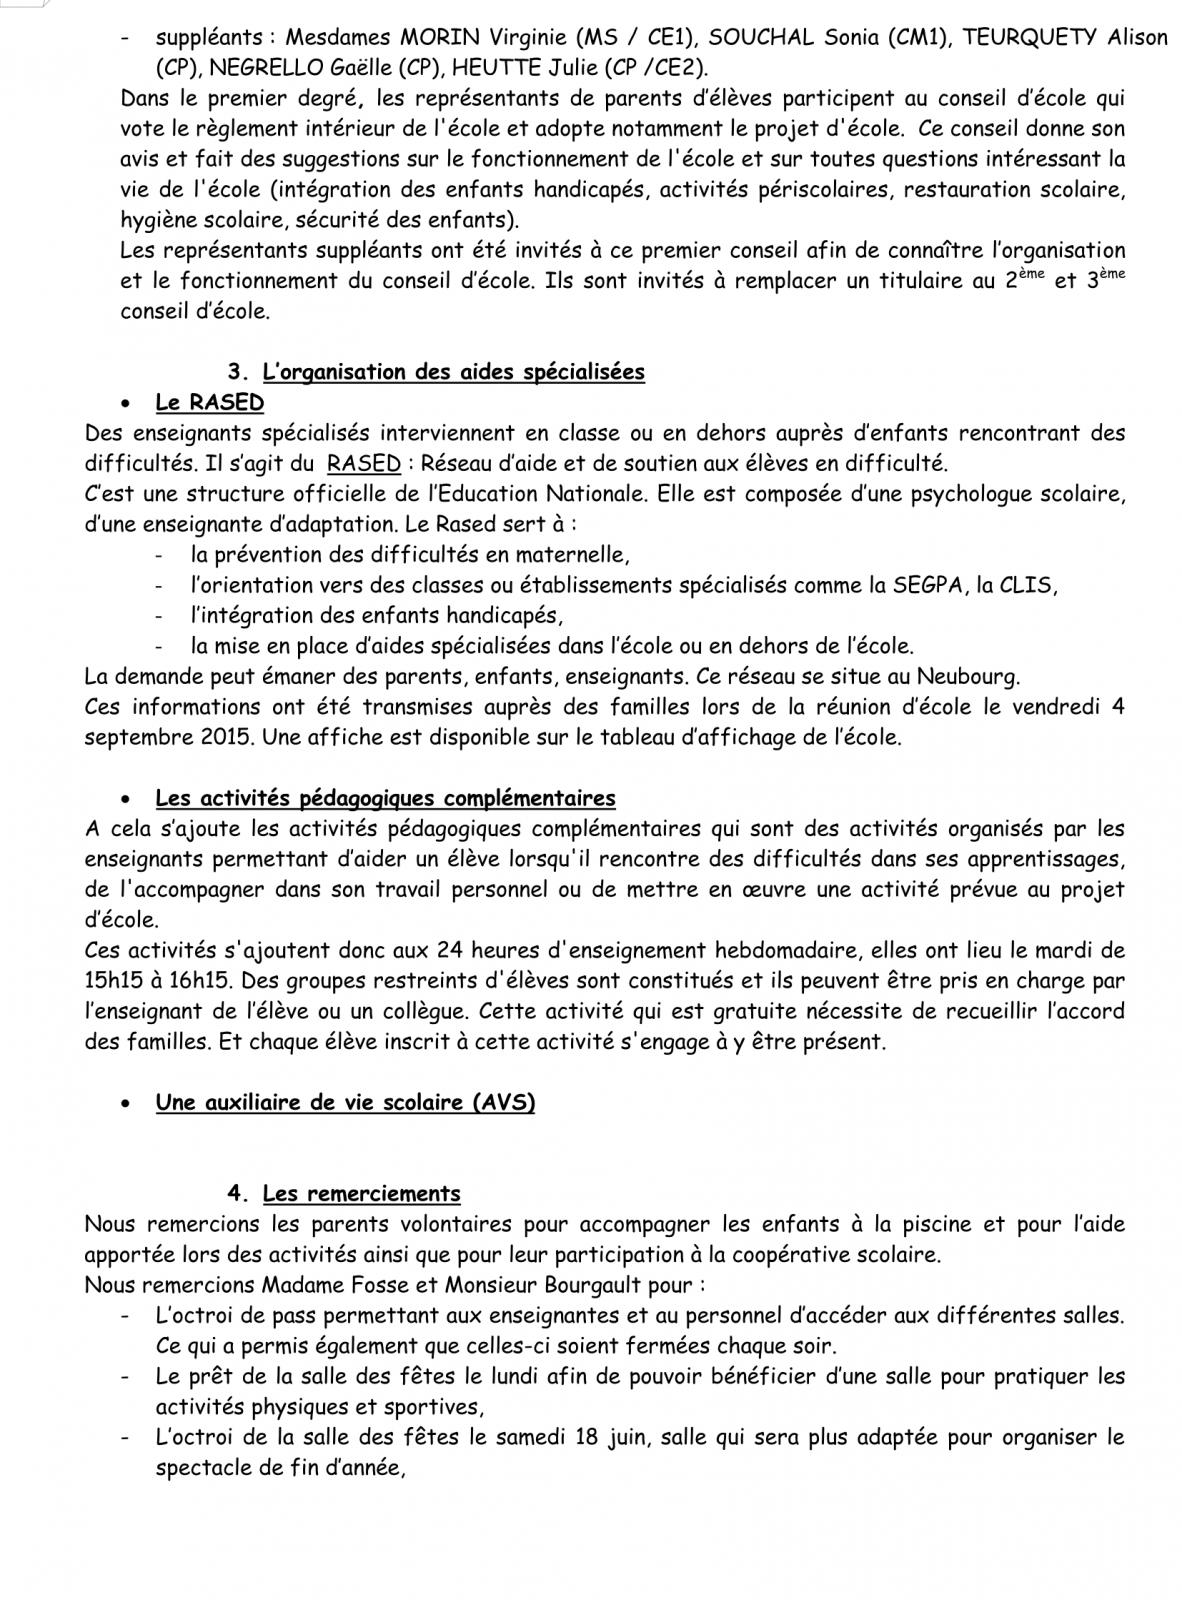 PV Conseil d'école 16 Novembre 2015 Page 2